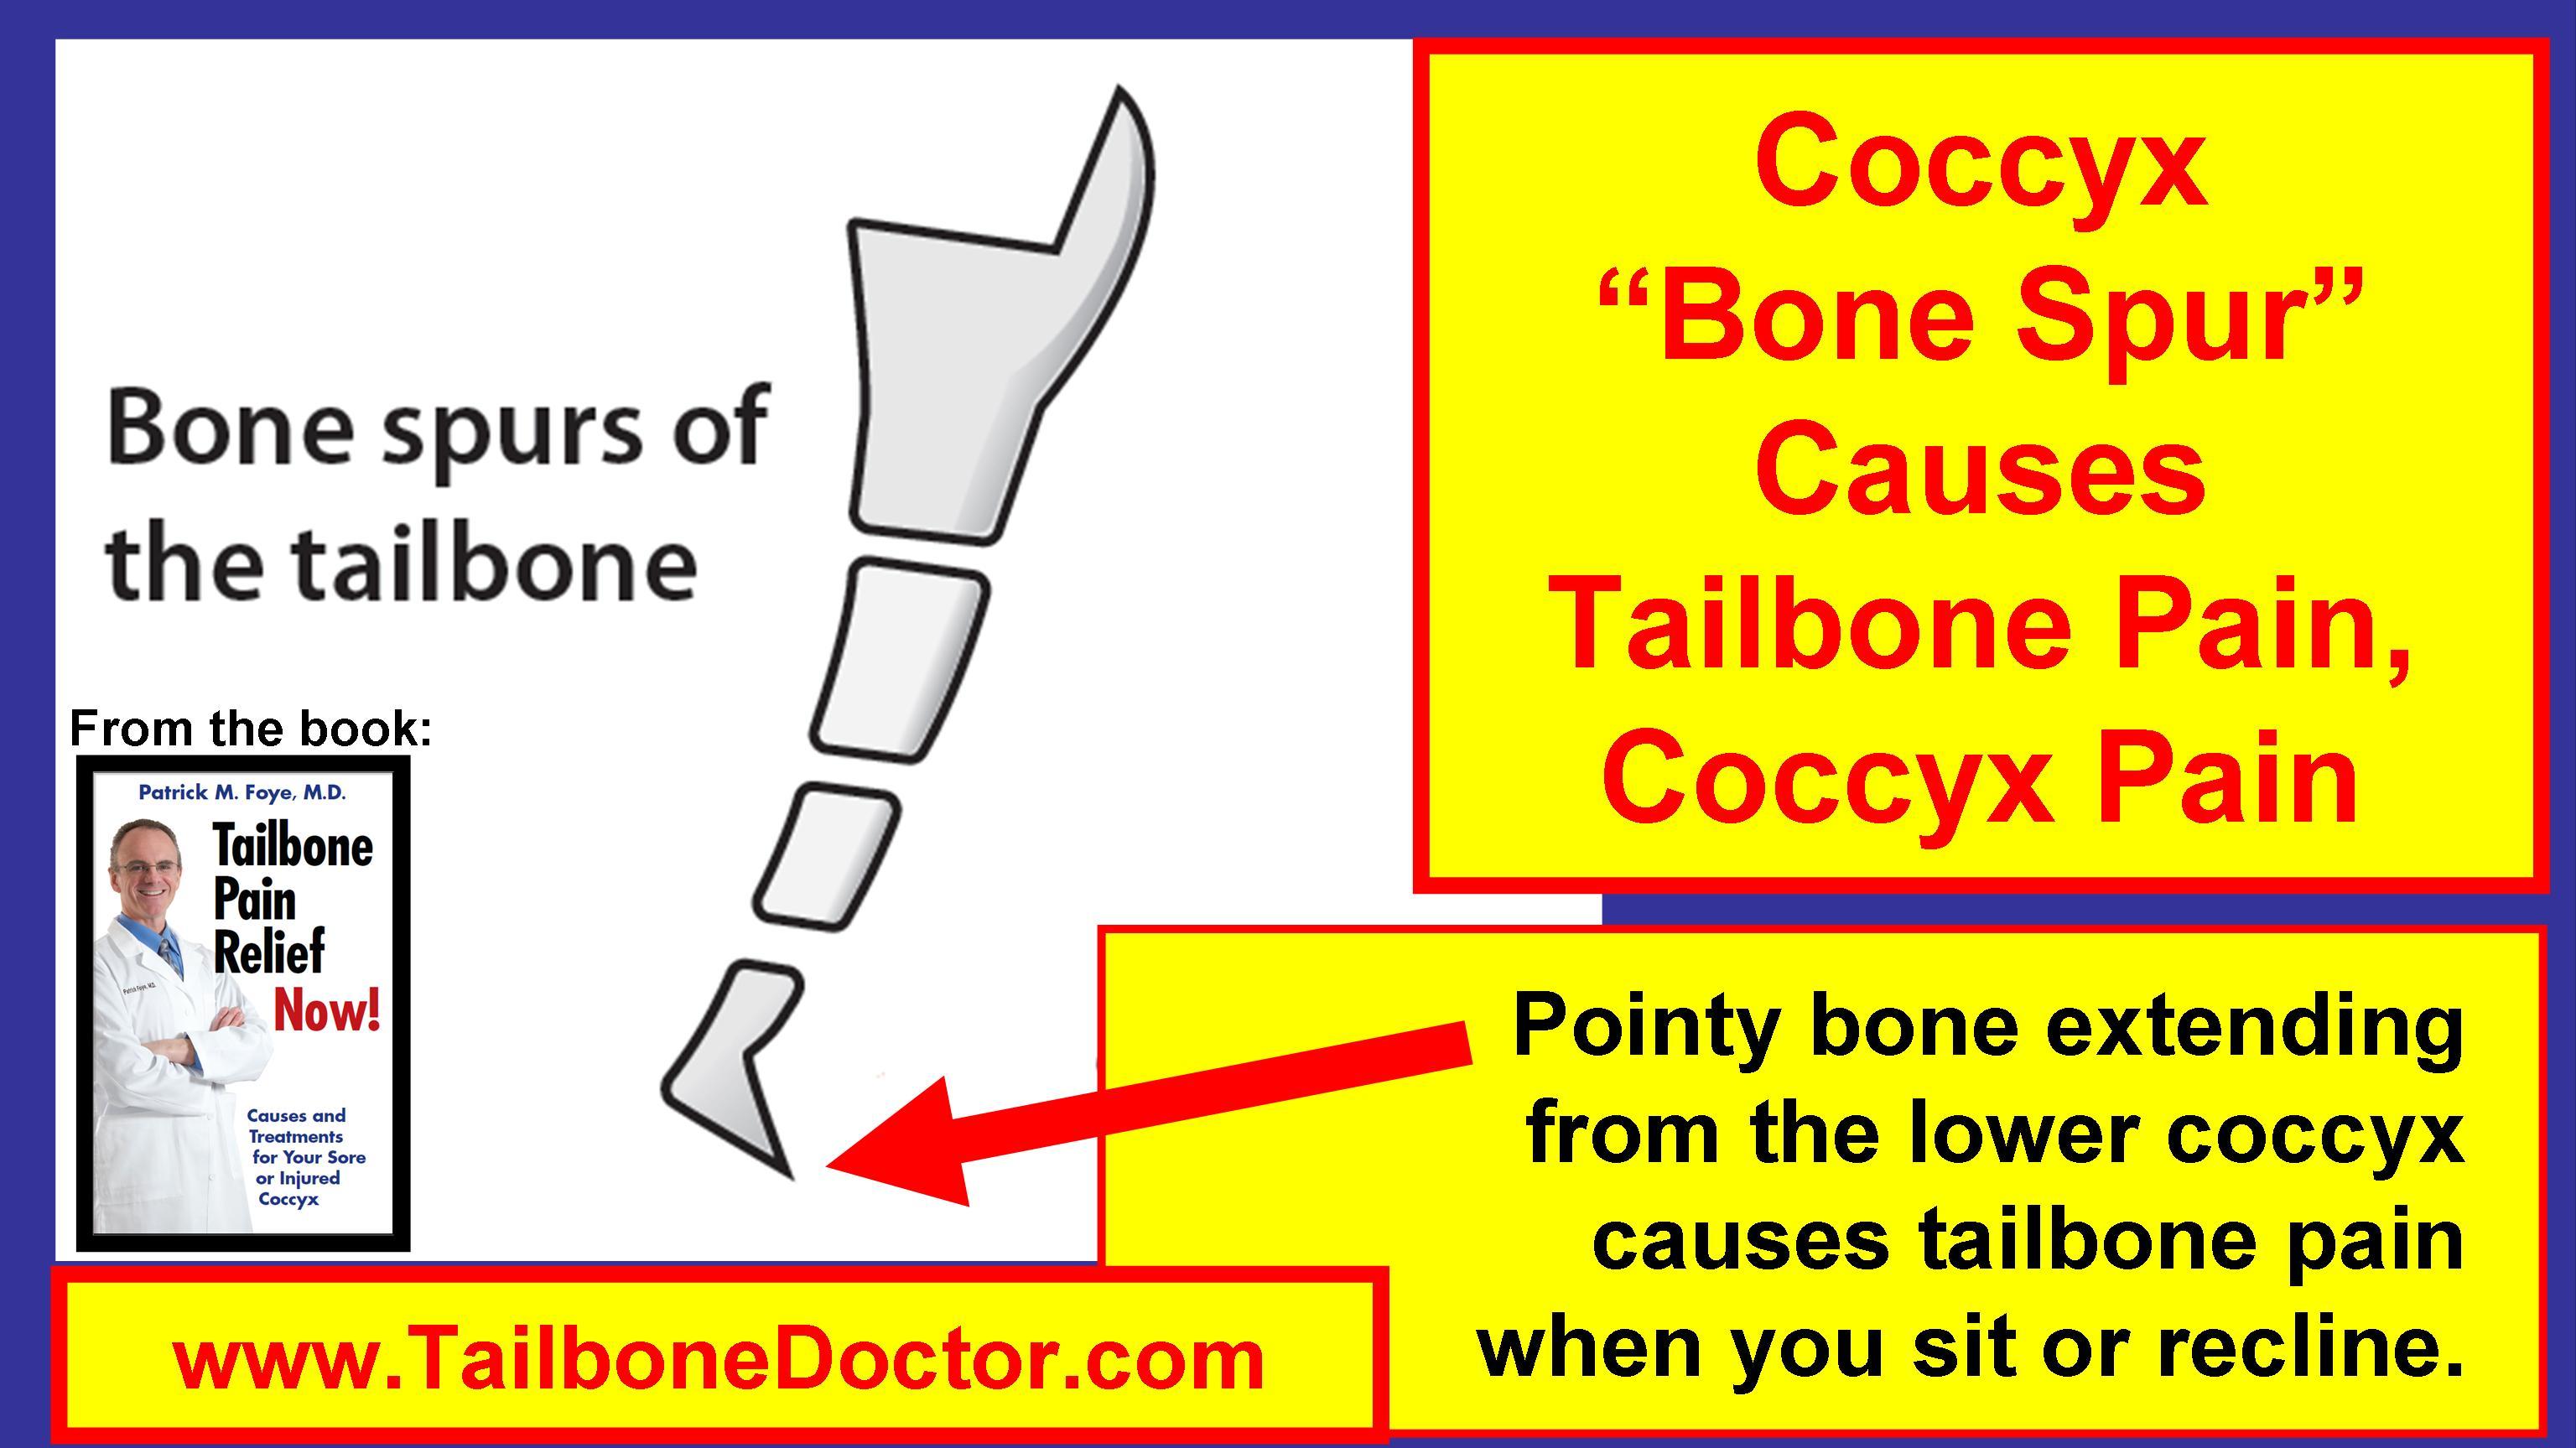 8bbc6bd6e185 Coccyx Bone Spur Causes Tailbone Pain, Coccyx Pain, Bone Spicule